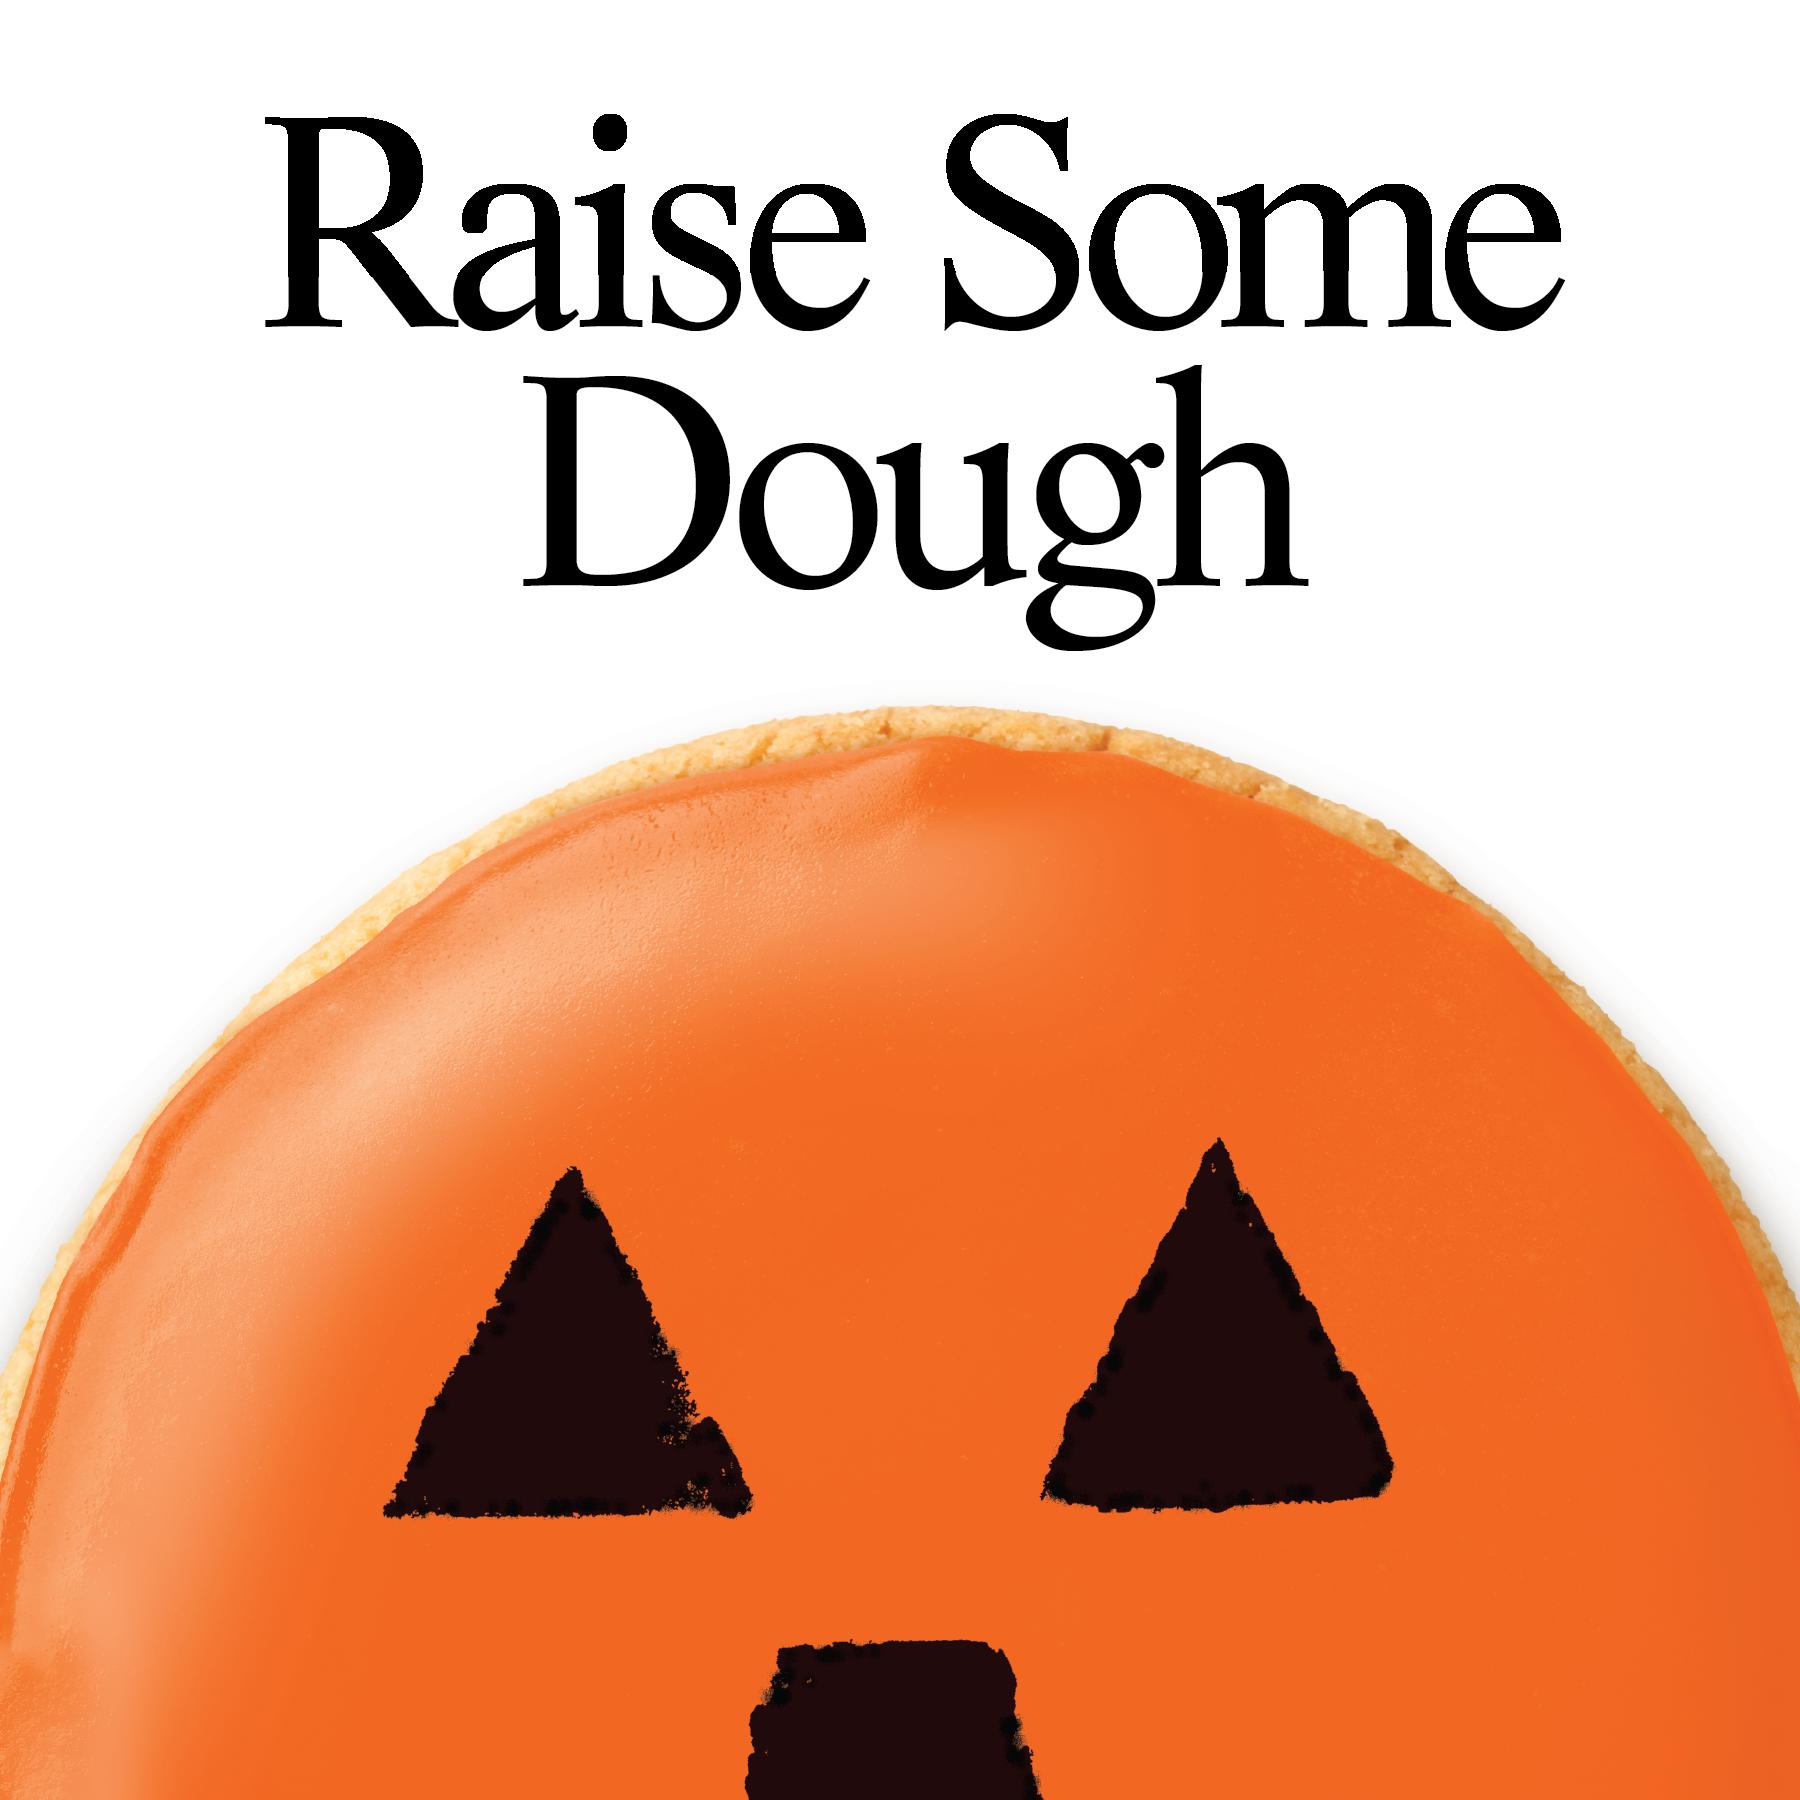 https://busken.com/wp-content/uploads/2020/09/Halloween-Fundraiser-2020.pdf